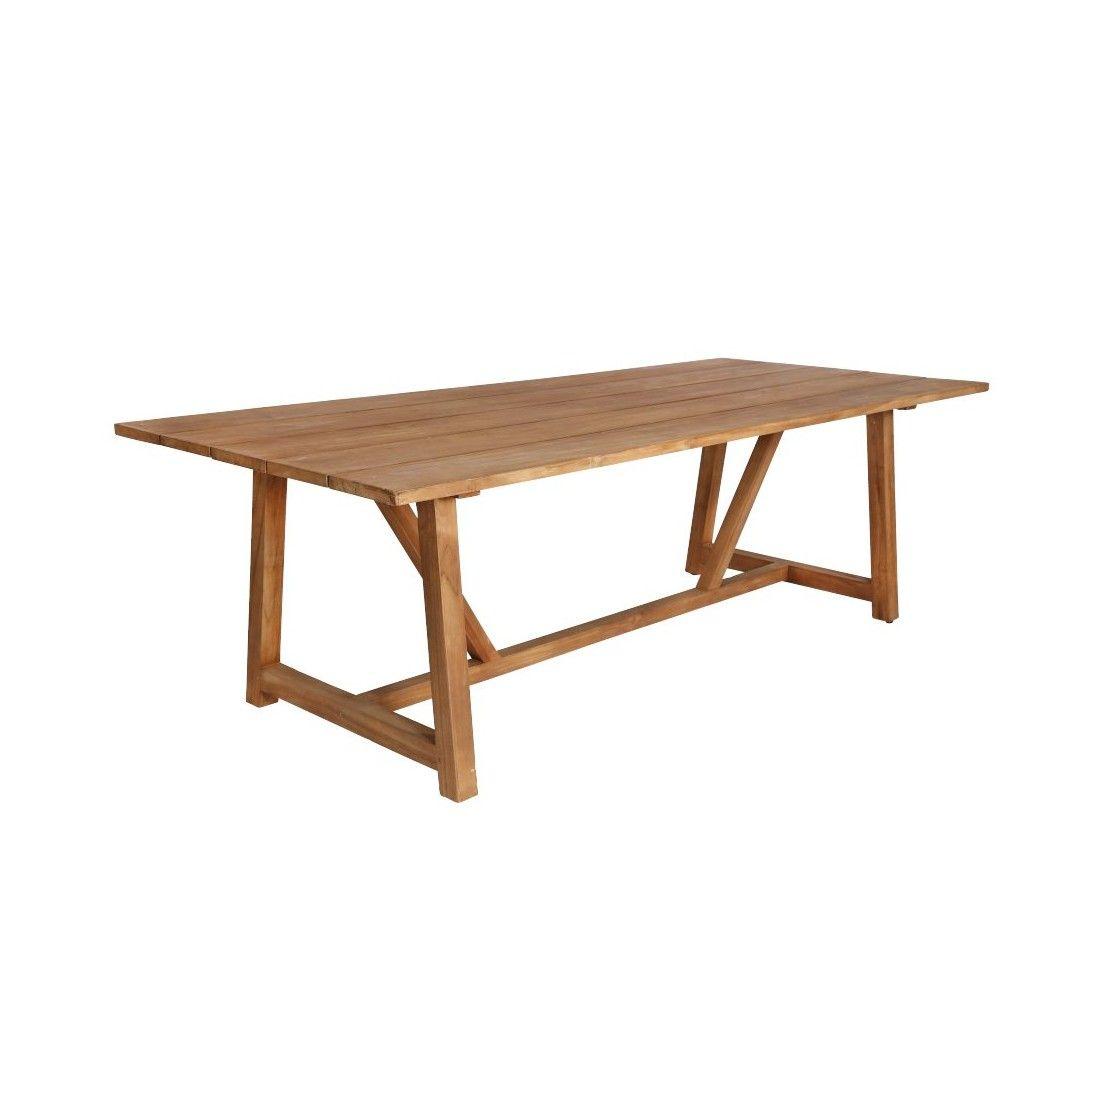 Table de jardin en teck ancien 240 cm